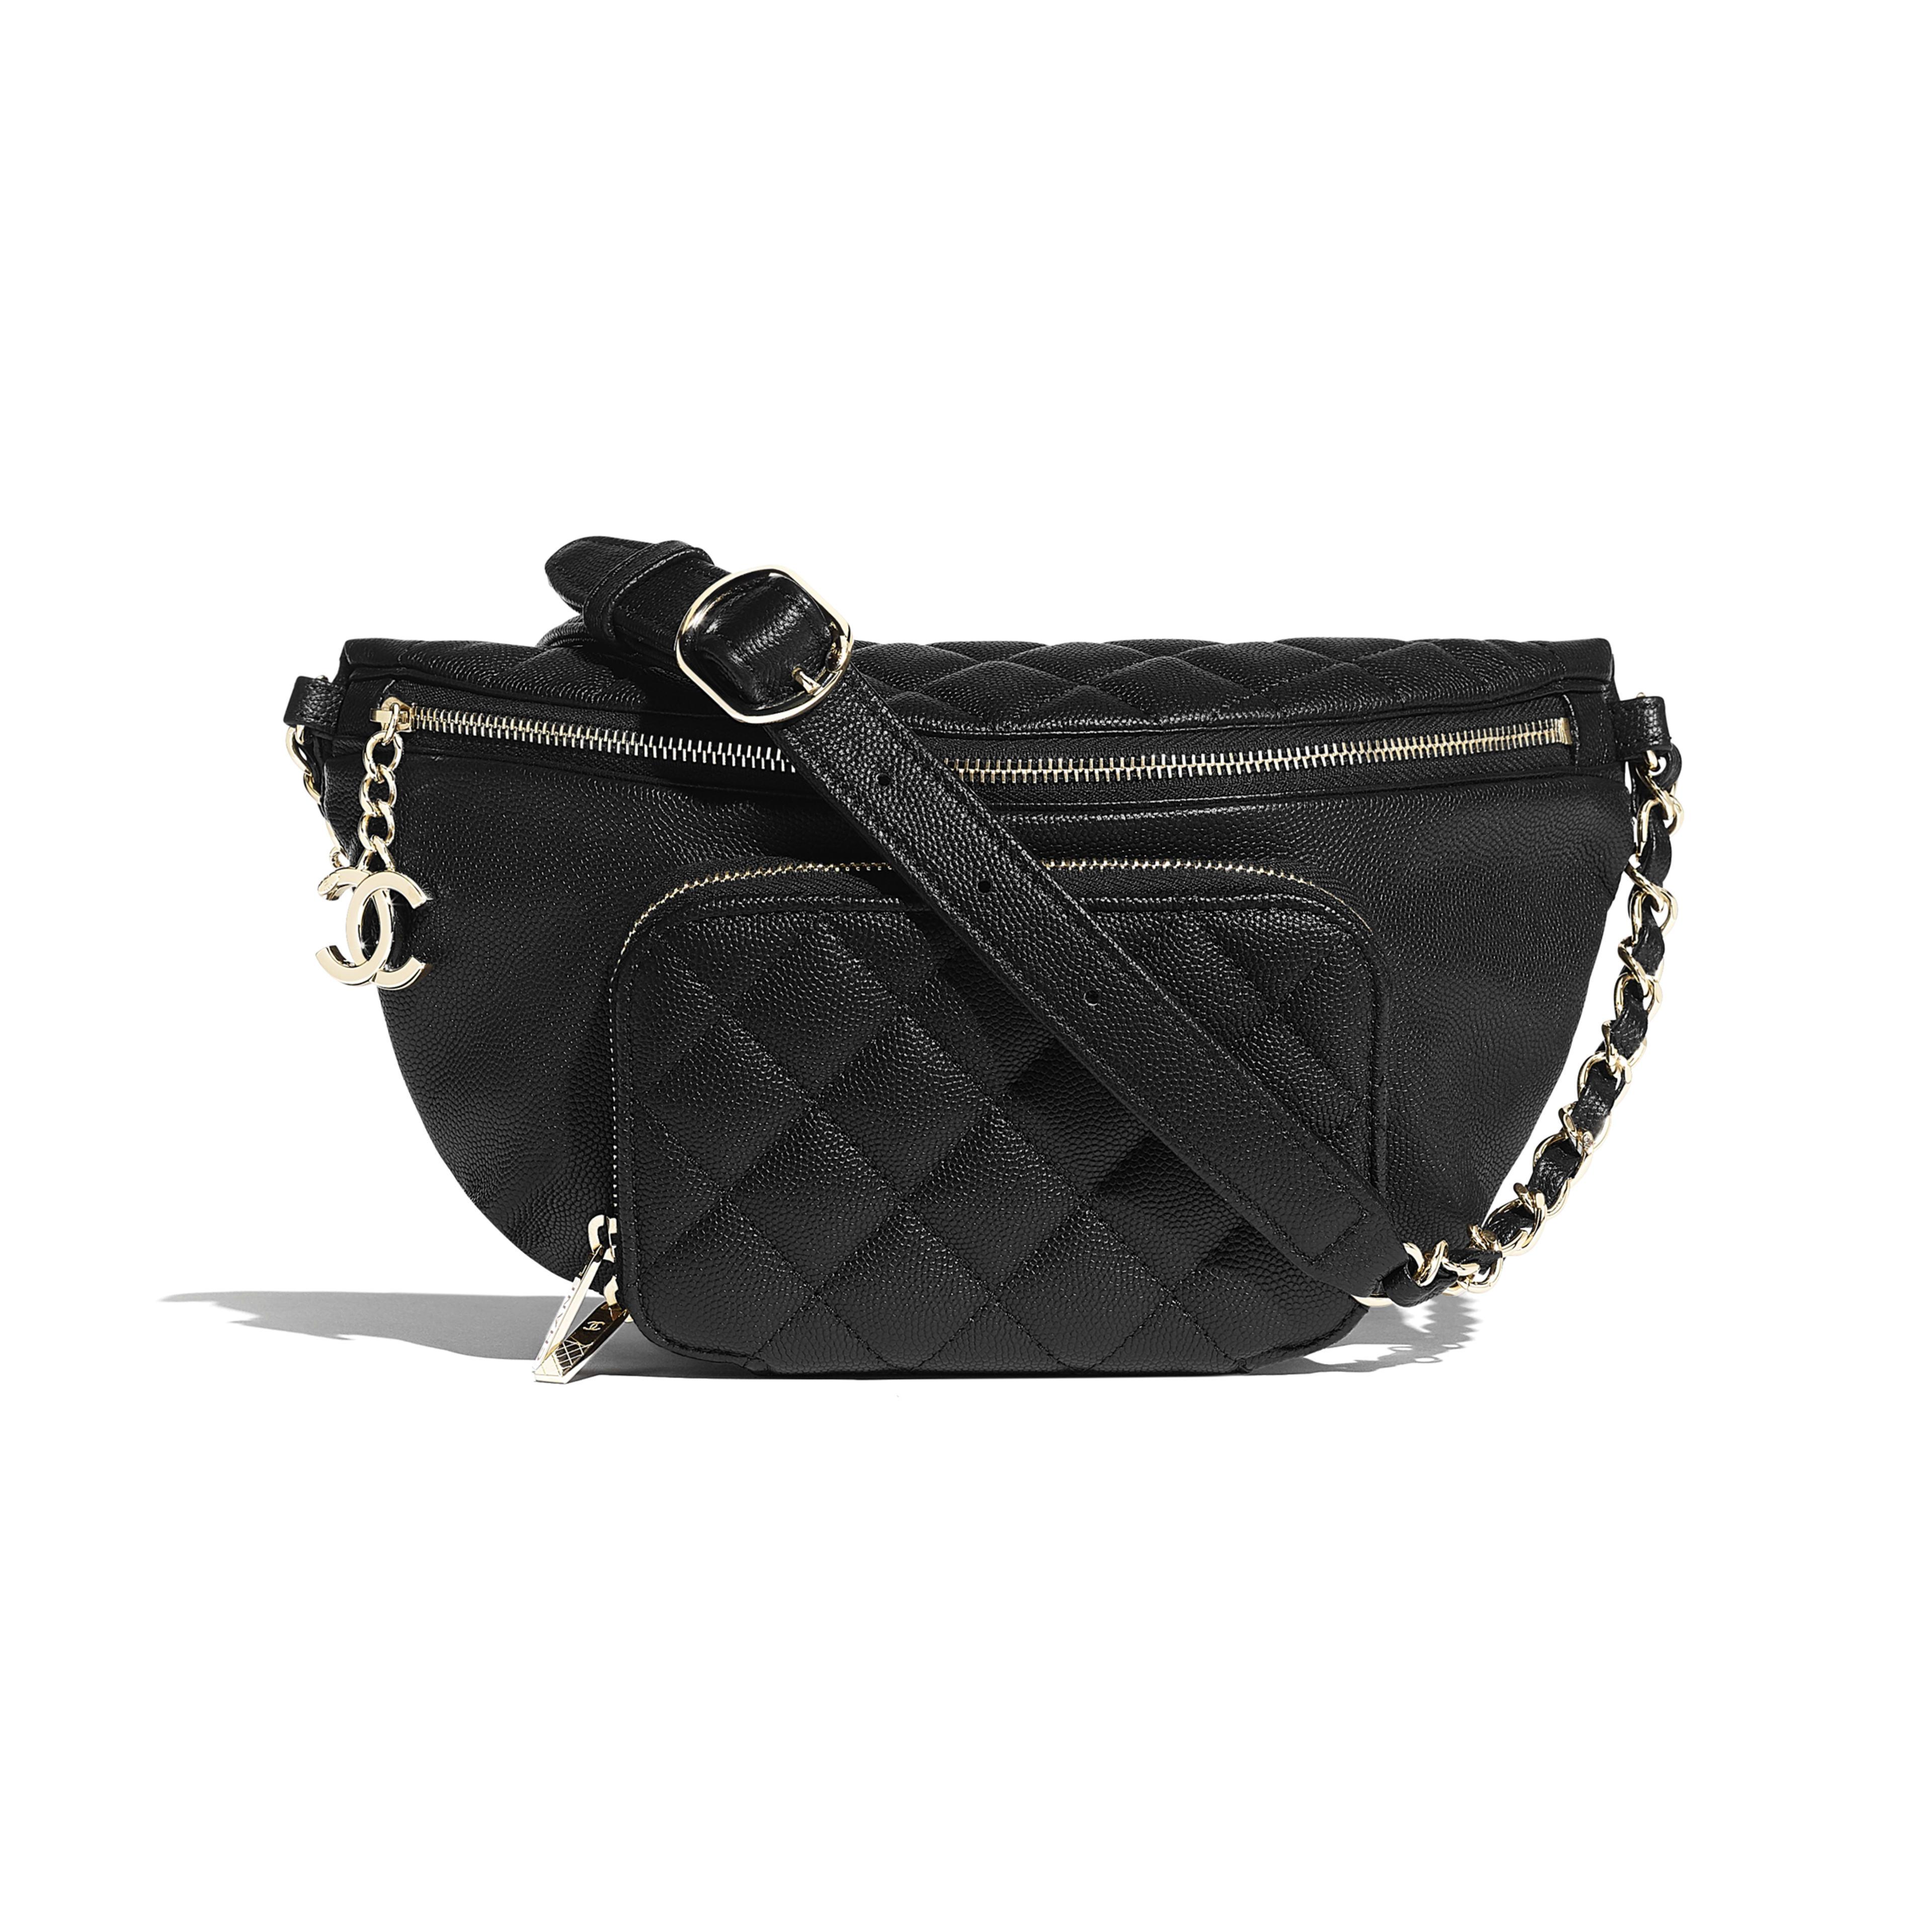 f1a31cf46e Waist Bag - Black - Grained Calfskin   Gold-Tone Metal - Default view ...